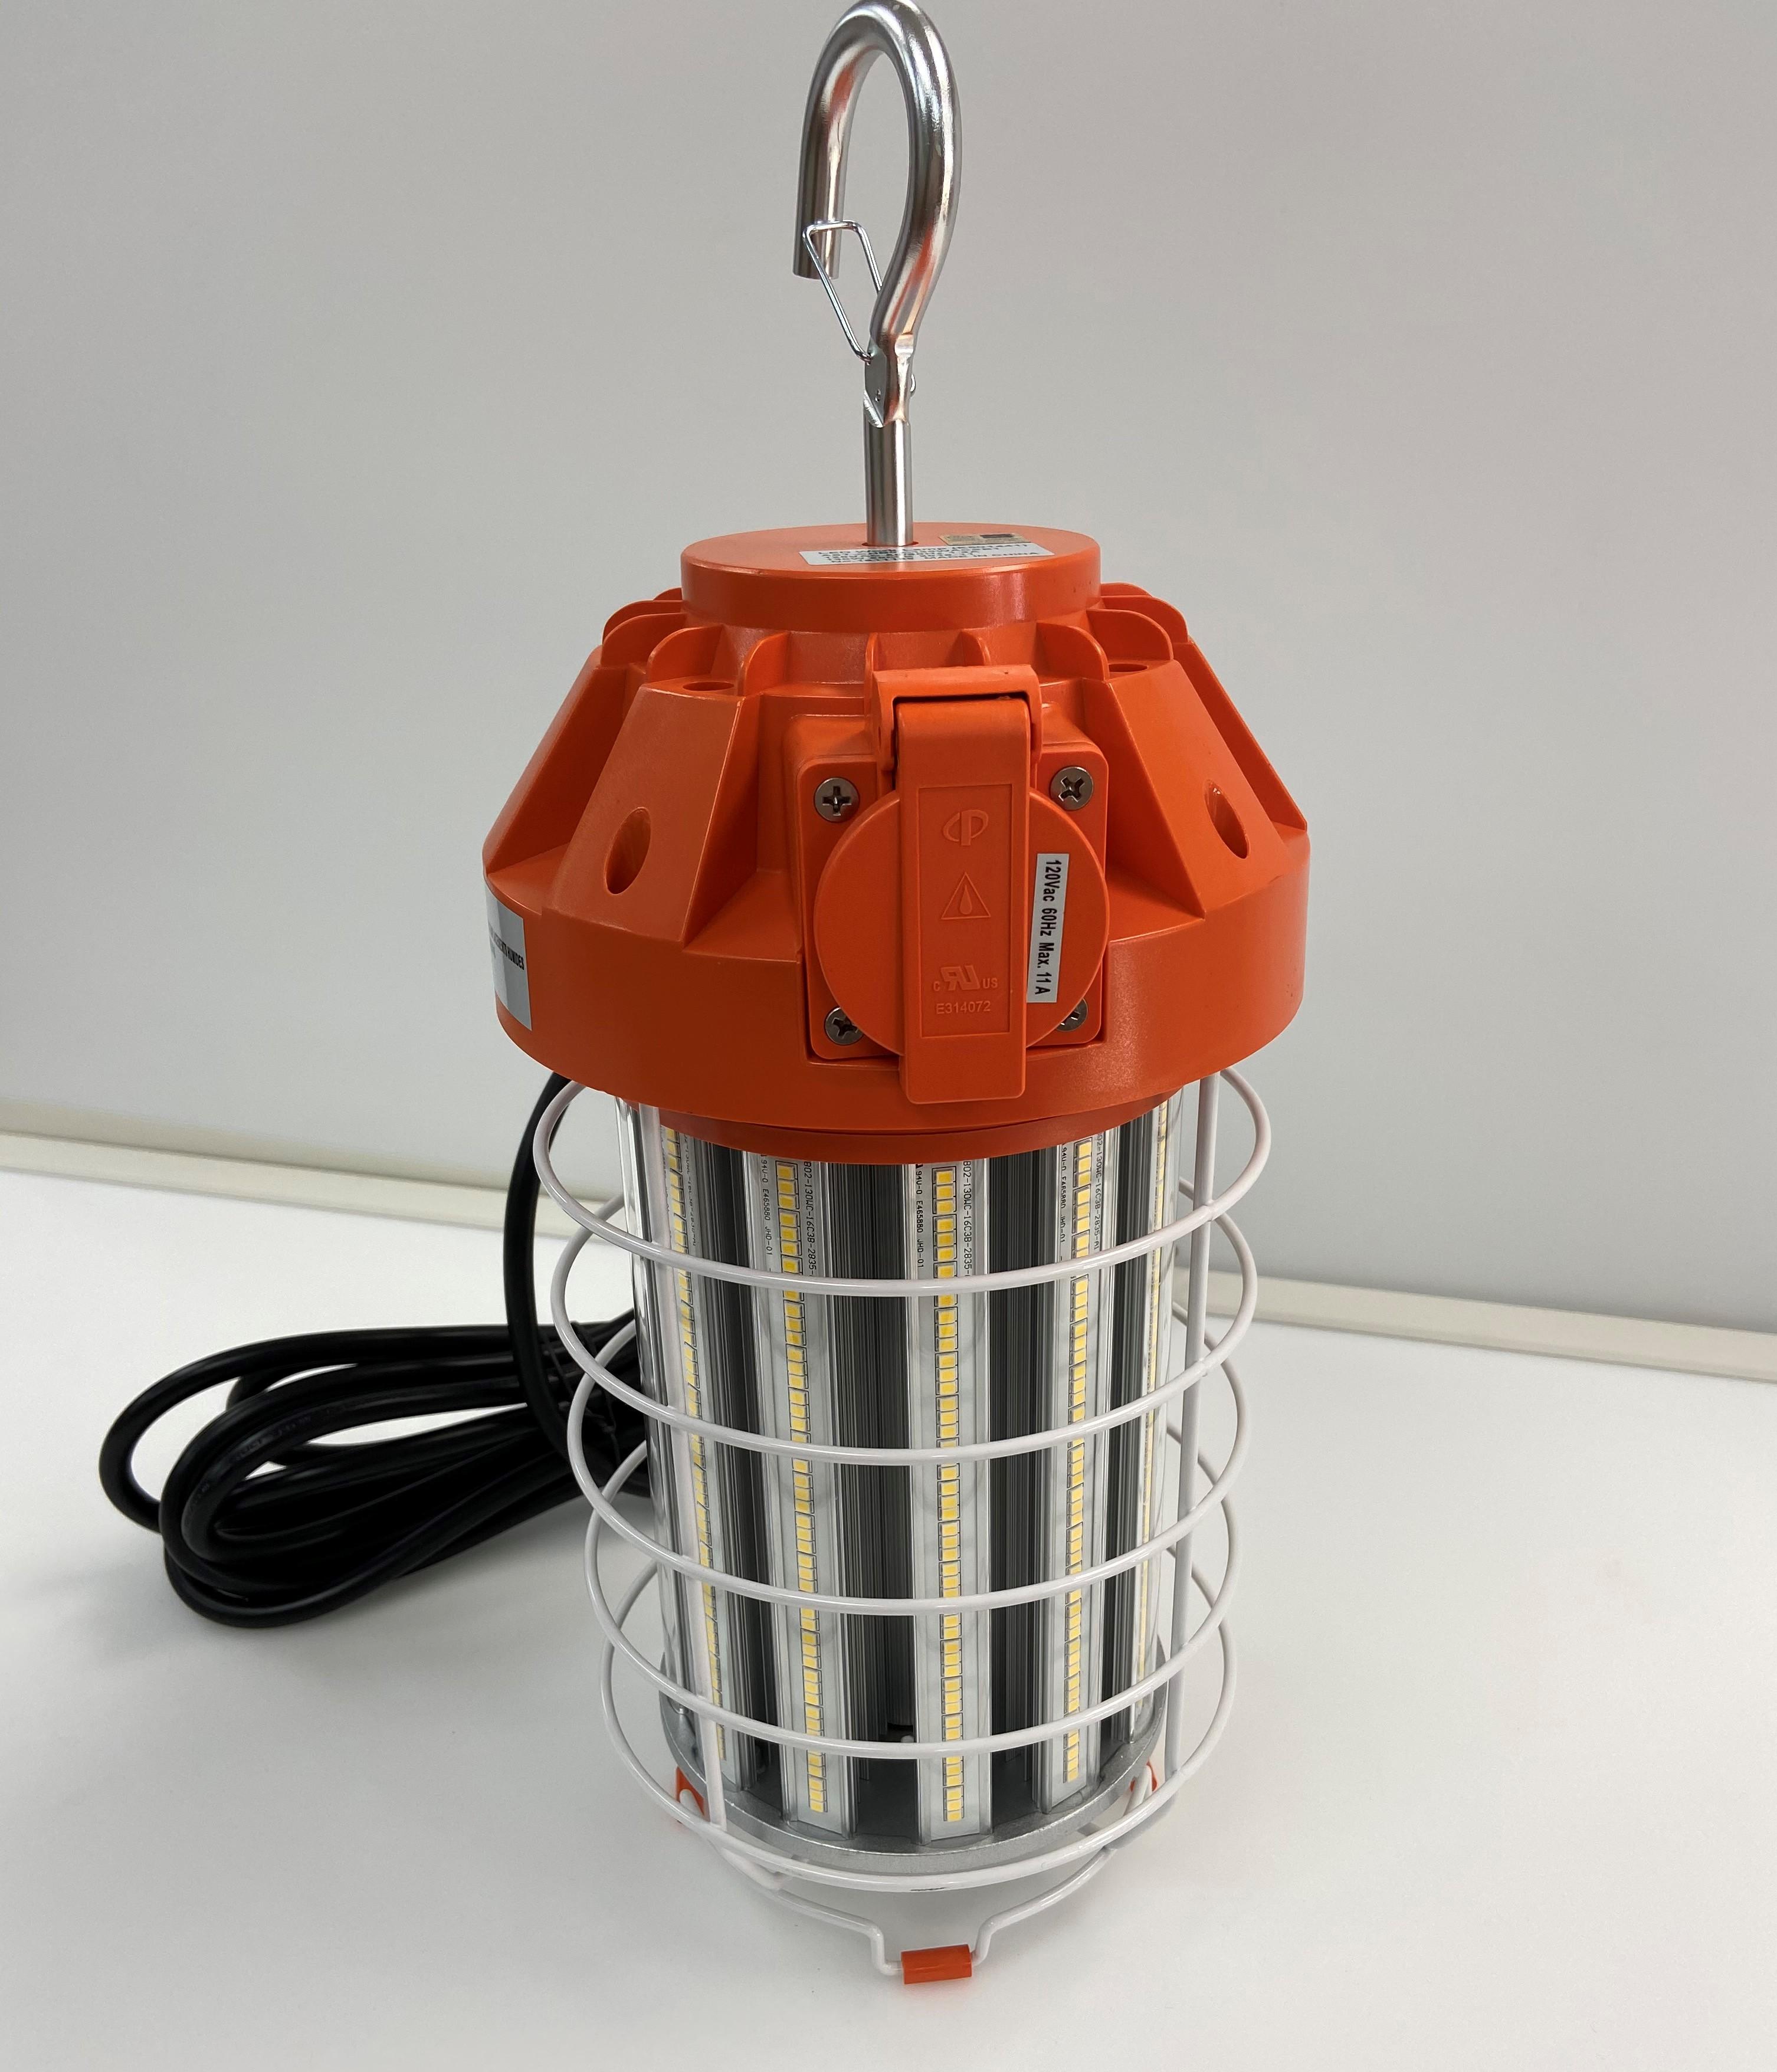 Worklight 130 Watt